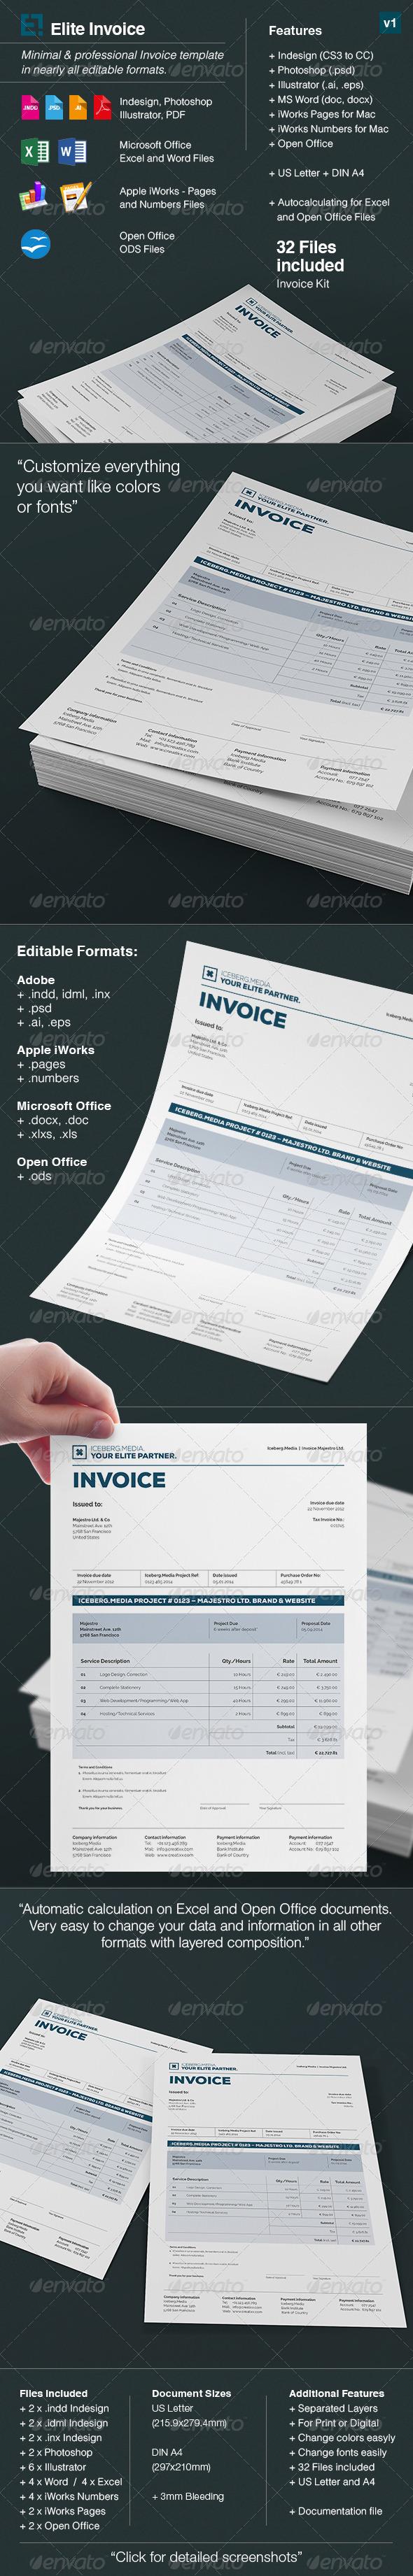 GraphicRiver Elite Invoices 8645702